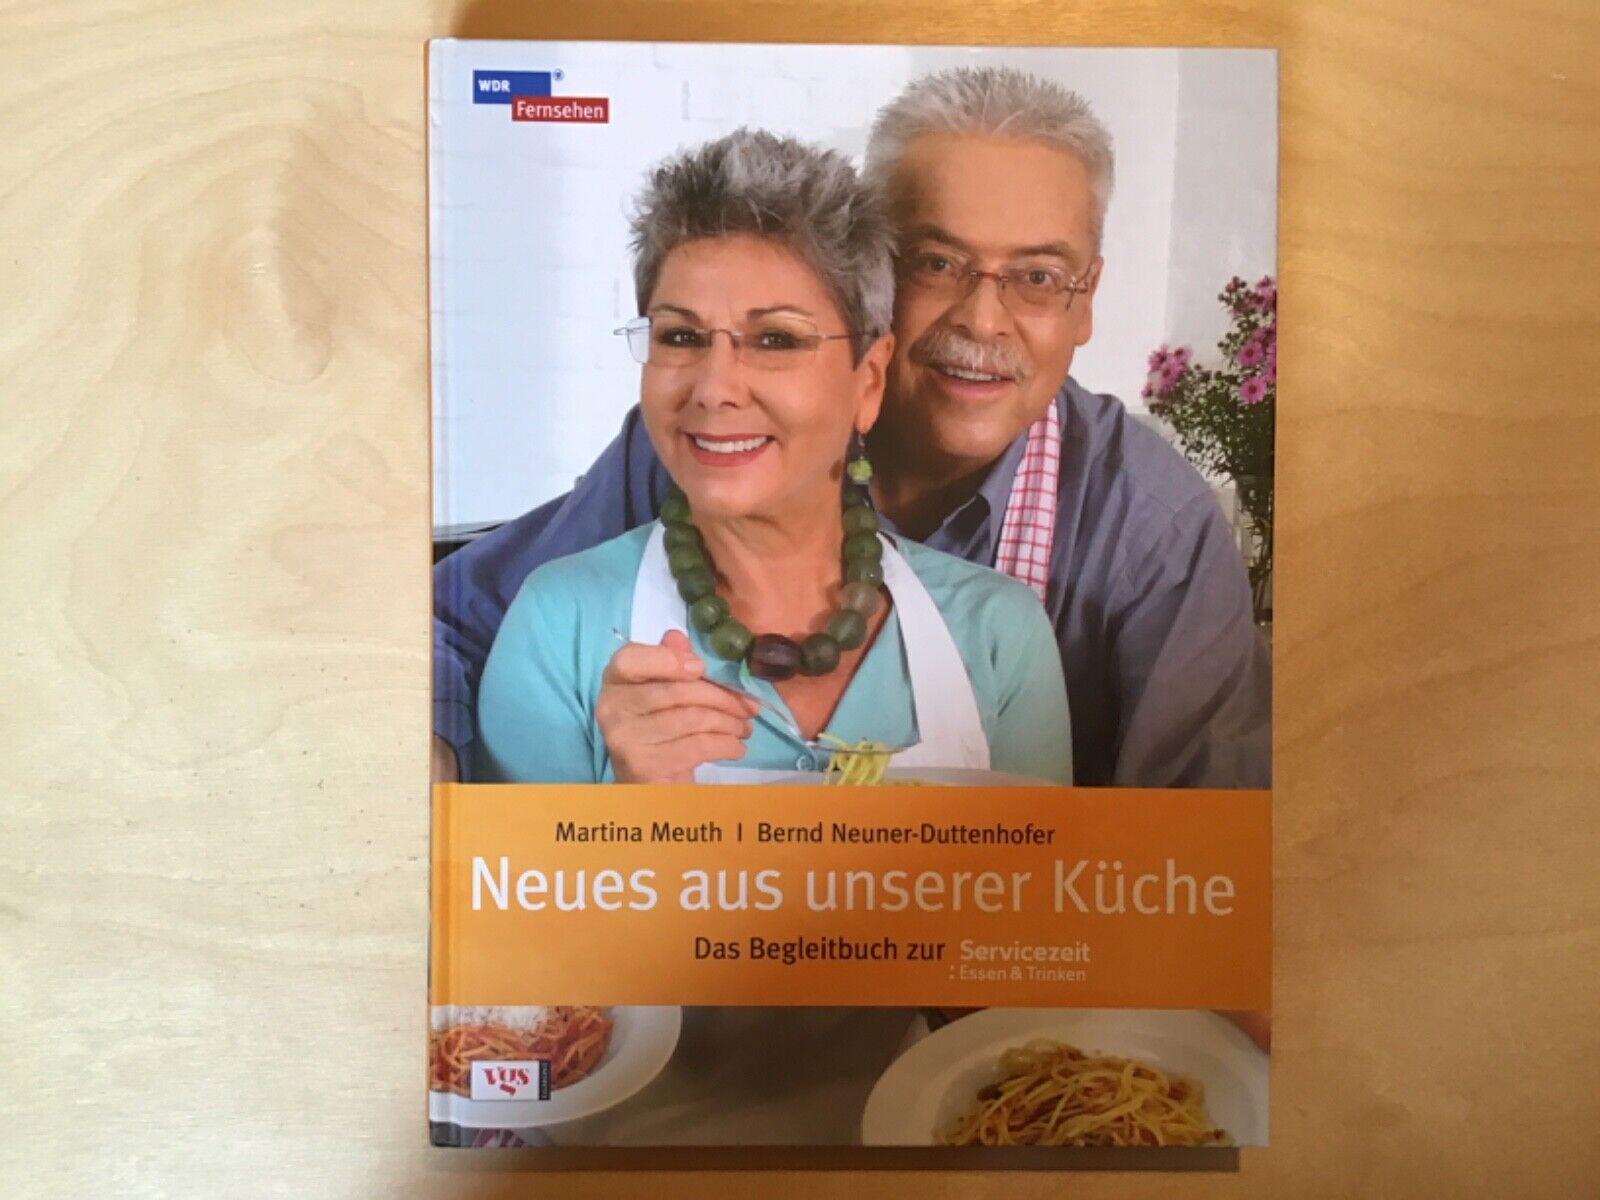 Neues aus unserer Küche von Bernd Neuner-Duttenhofer & Martina Meuth (2011) WDR